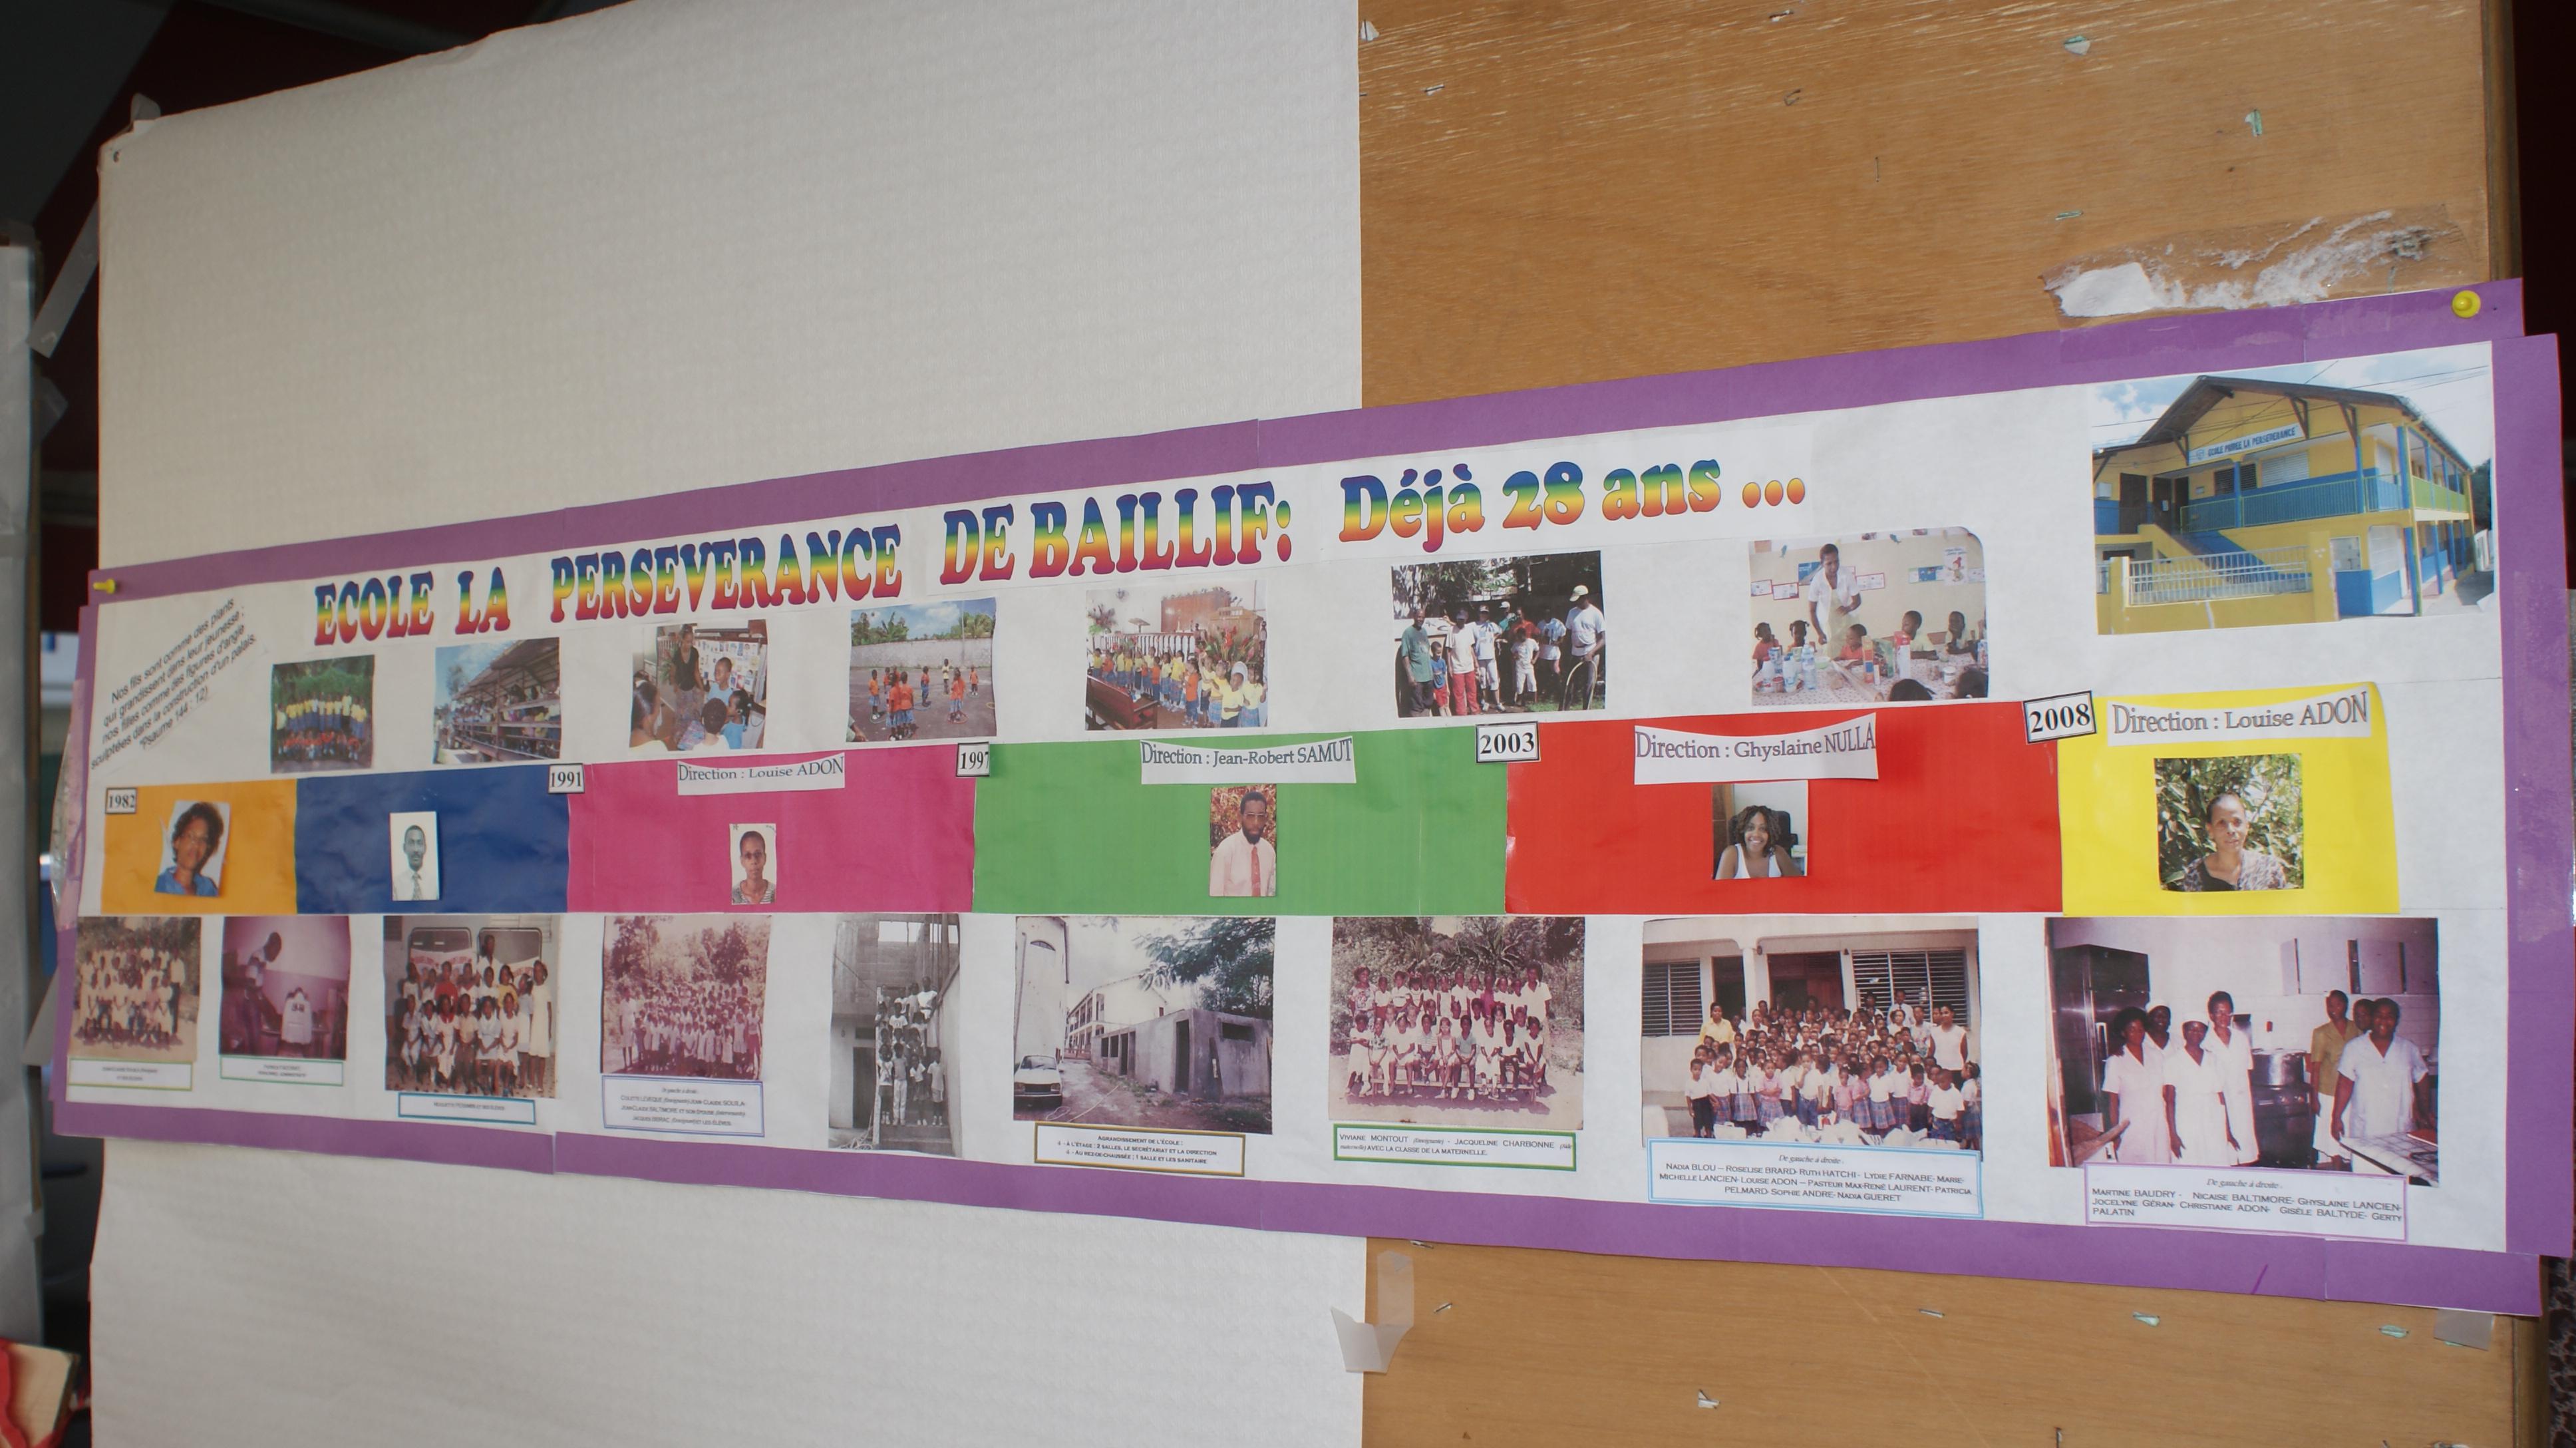 Au cours du centenaire de l'Eglise Adventiste de la Guadeloupe en décembre 2010, une exposition présentait un condensé de faits marquants de l'école de Baillif.  Une exclusivité Département des communications GUADELOUPE